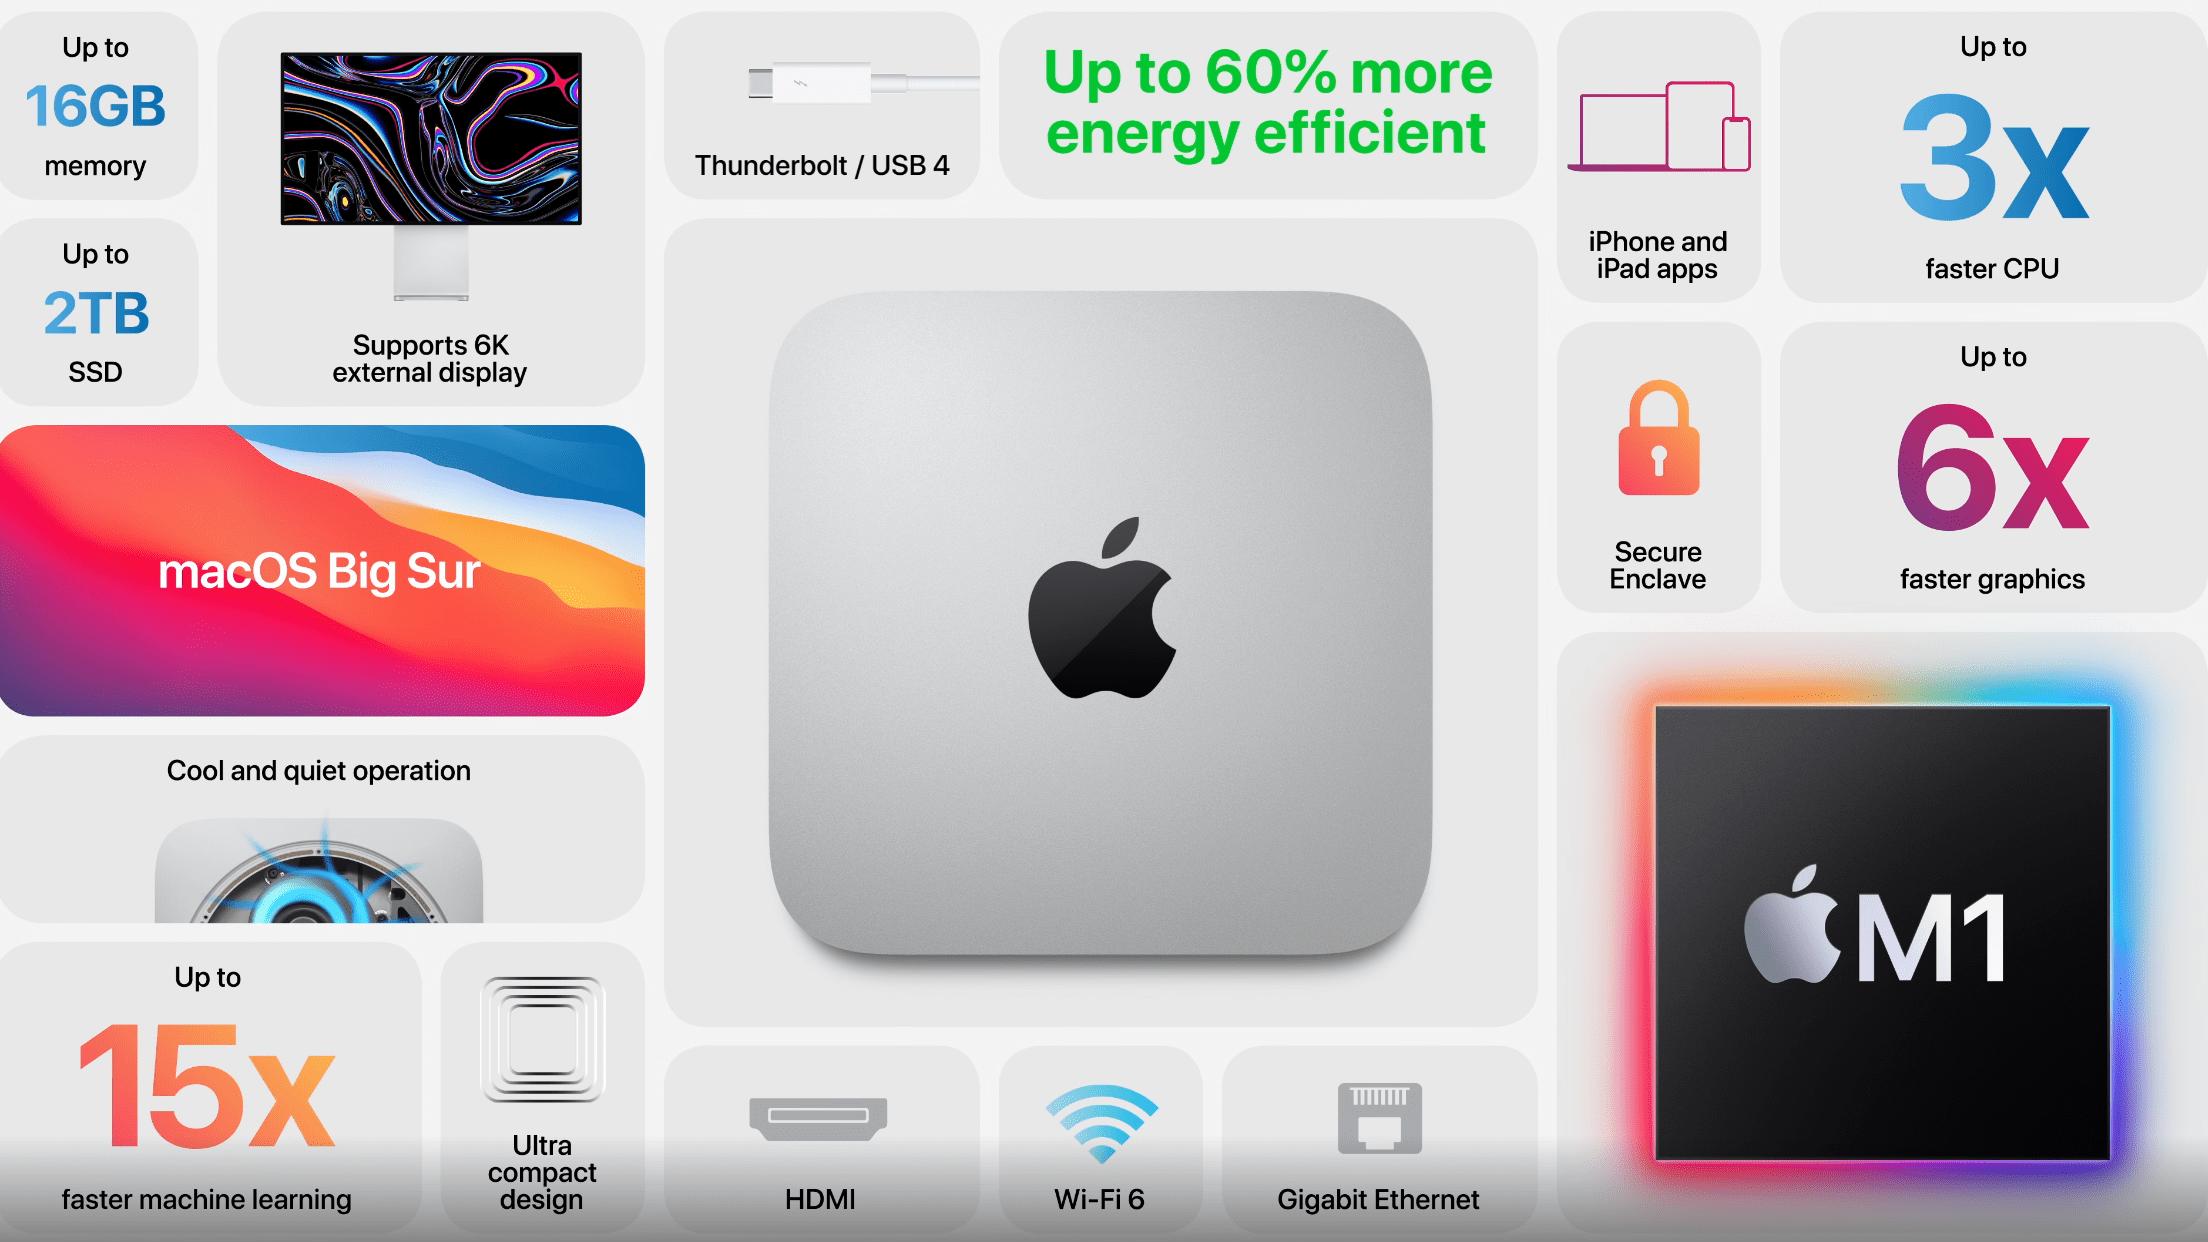 一文读懂苹果双11发布会:首款自研5nmPC芯片亮相的照片 - 3